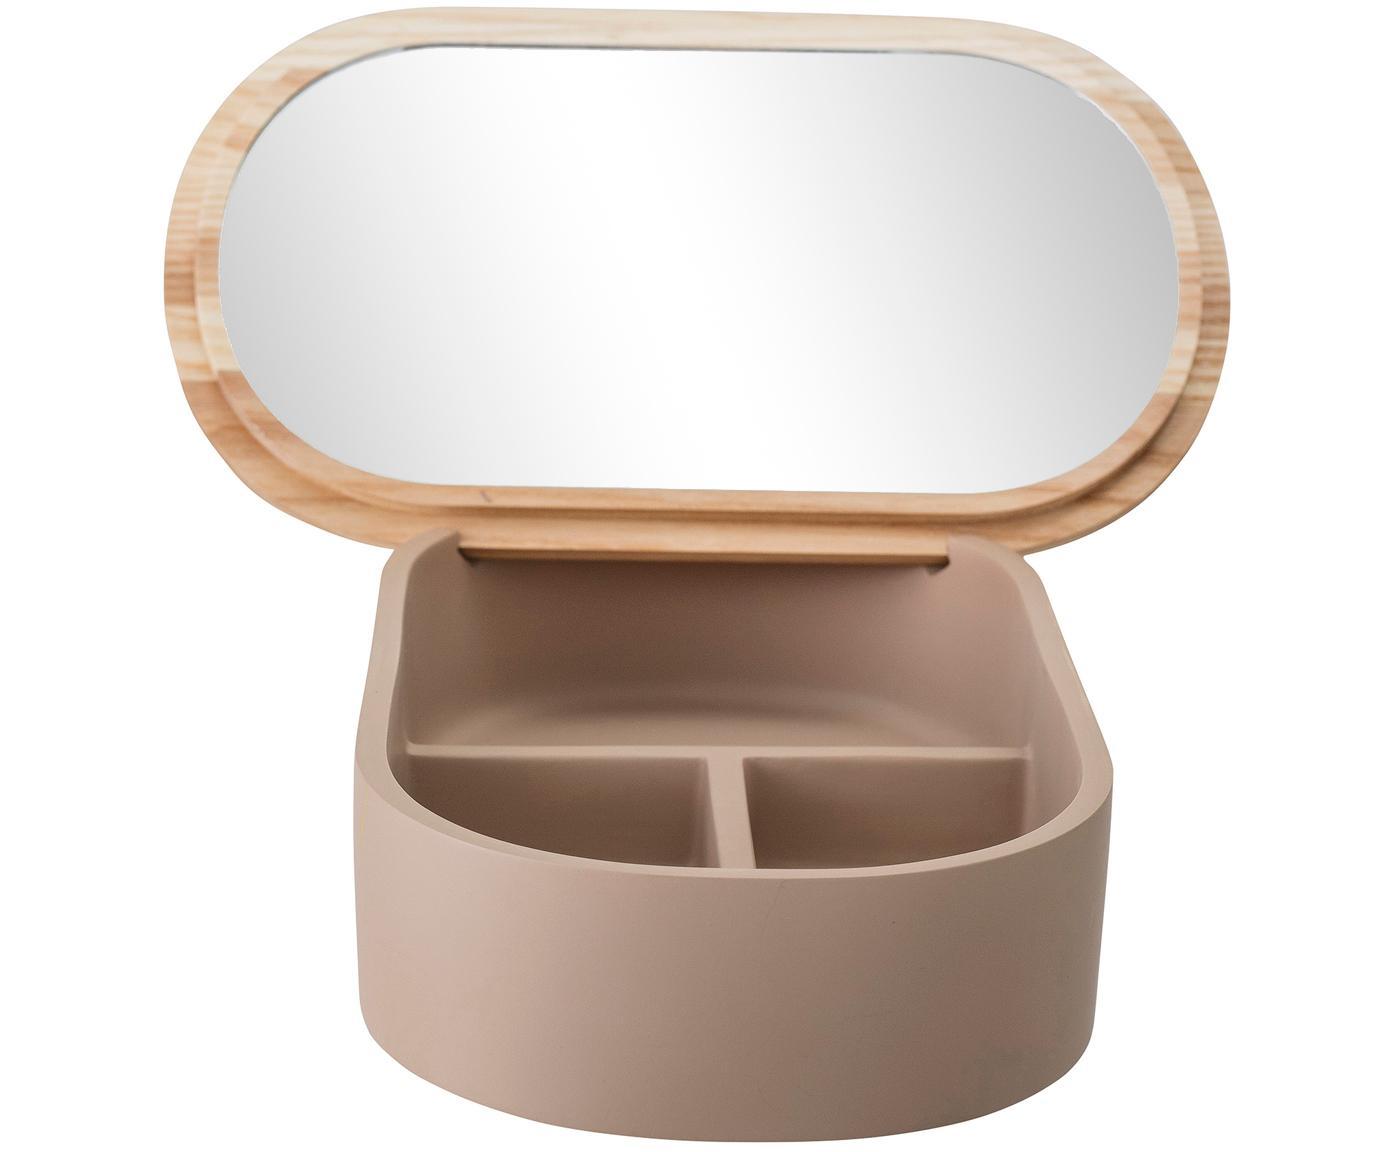 Portagioie Noah, Scatola: poliresina, Coperchio: legno di frassino, Rosa cipria, legno di frassino, lastra di vetro, Larg. 23 x Alt. 6 cm